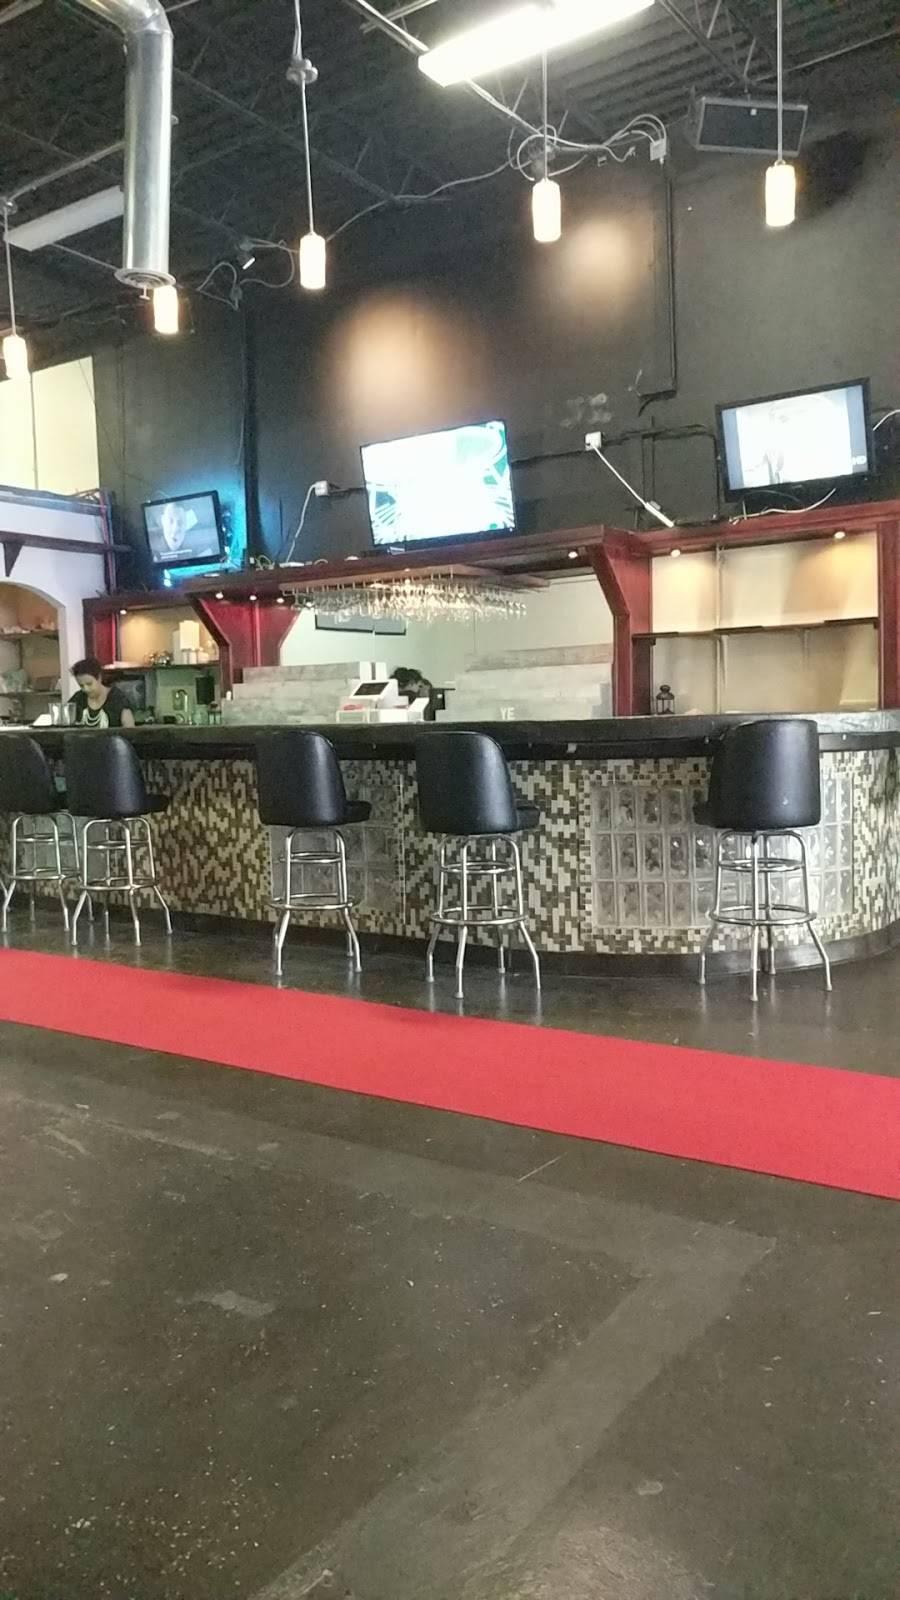 Ye Ethiopian Restaurant | restaurant | 5916 Delmar Blvd, St. Louis, MO 63112, USA | 3143619202 OR +1 314-361-9202